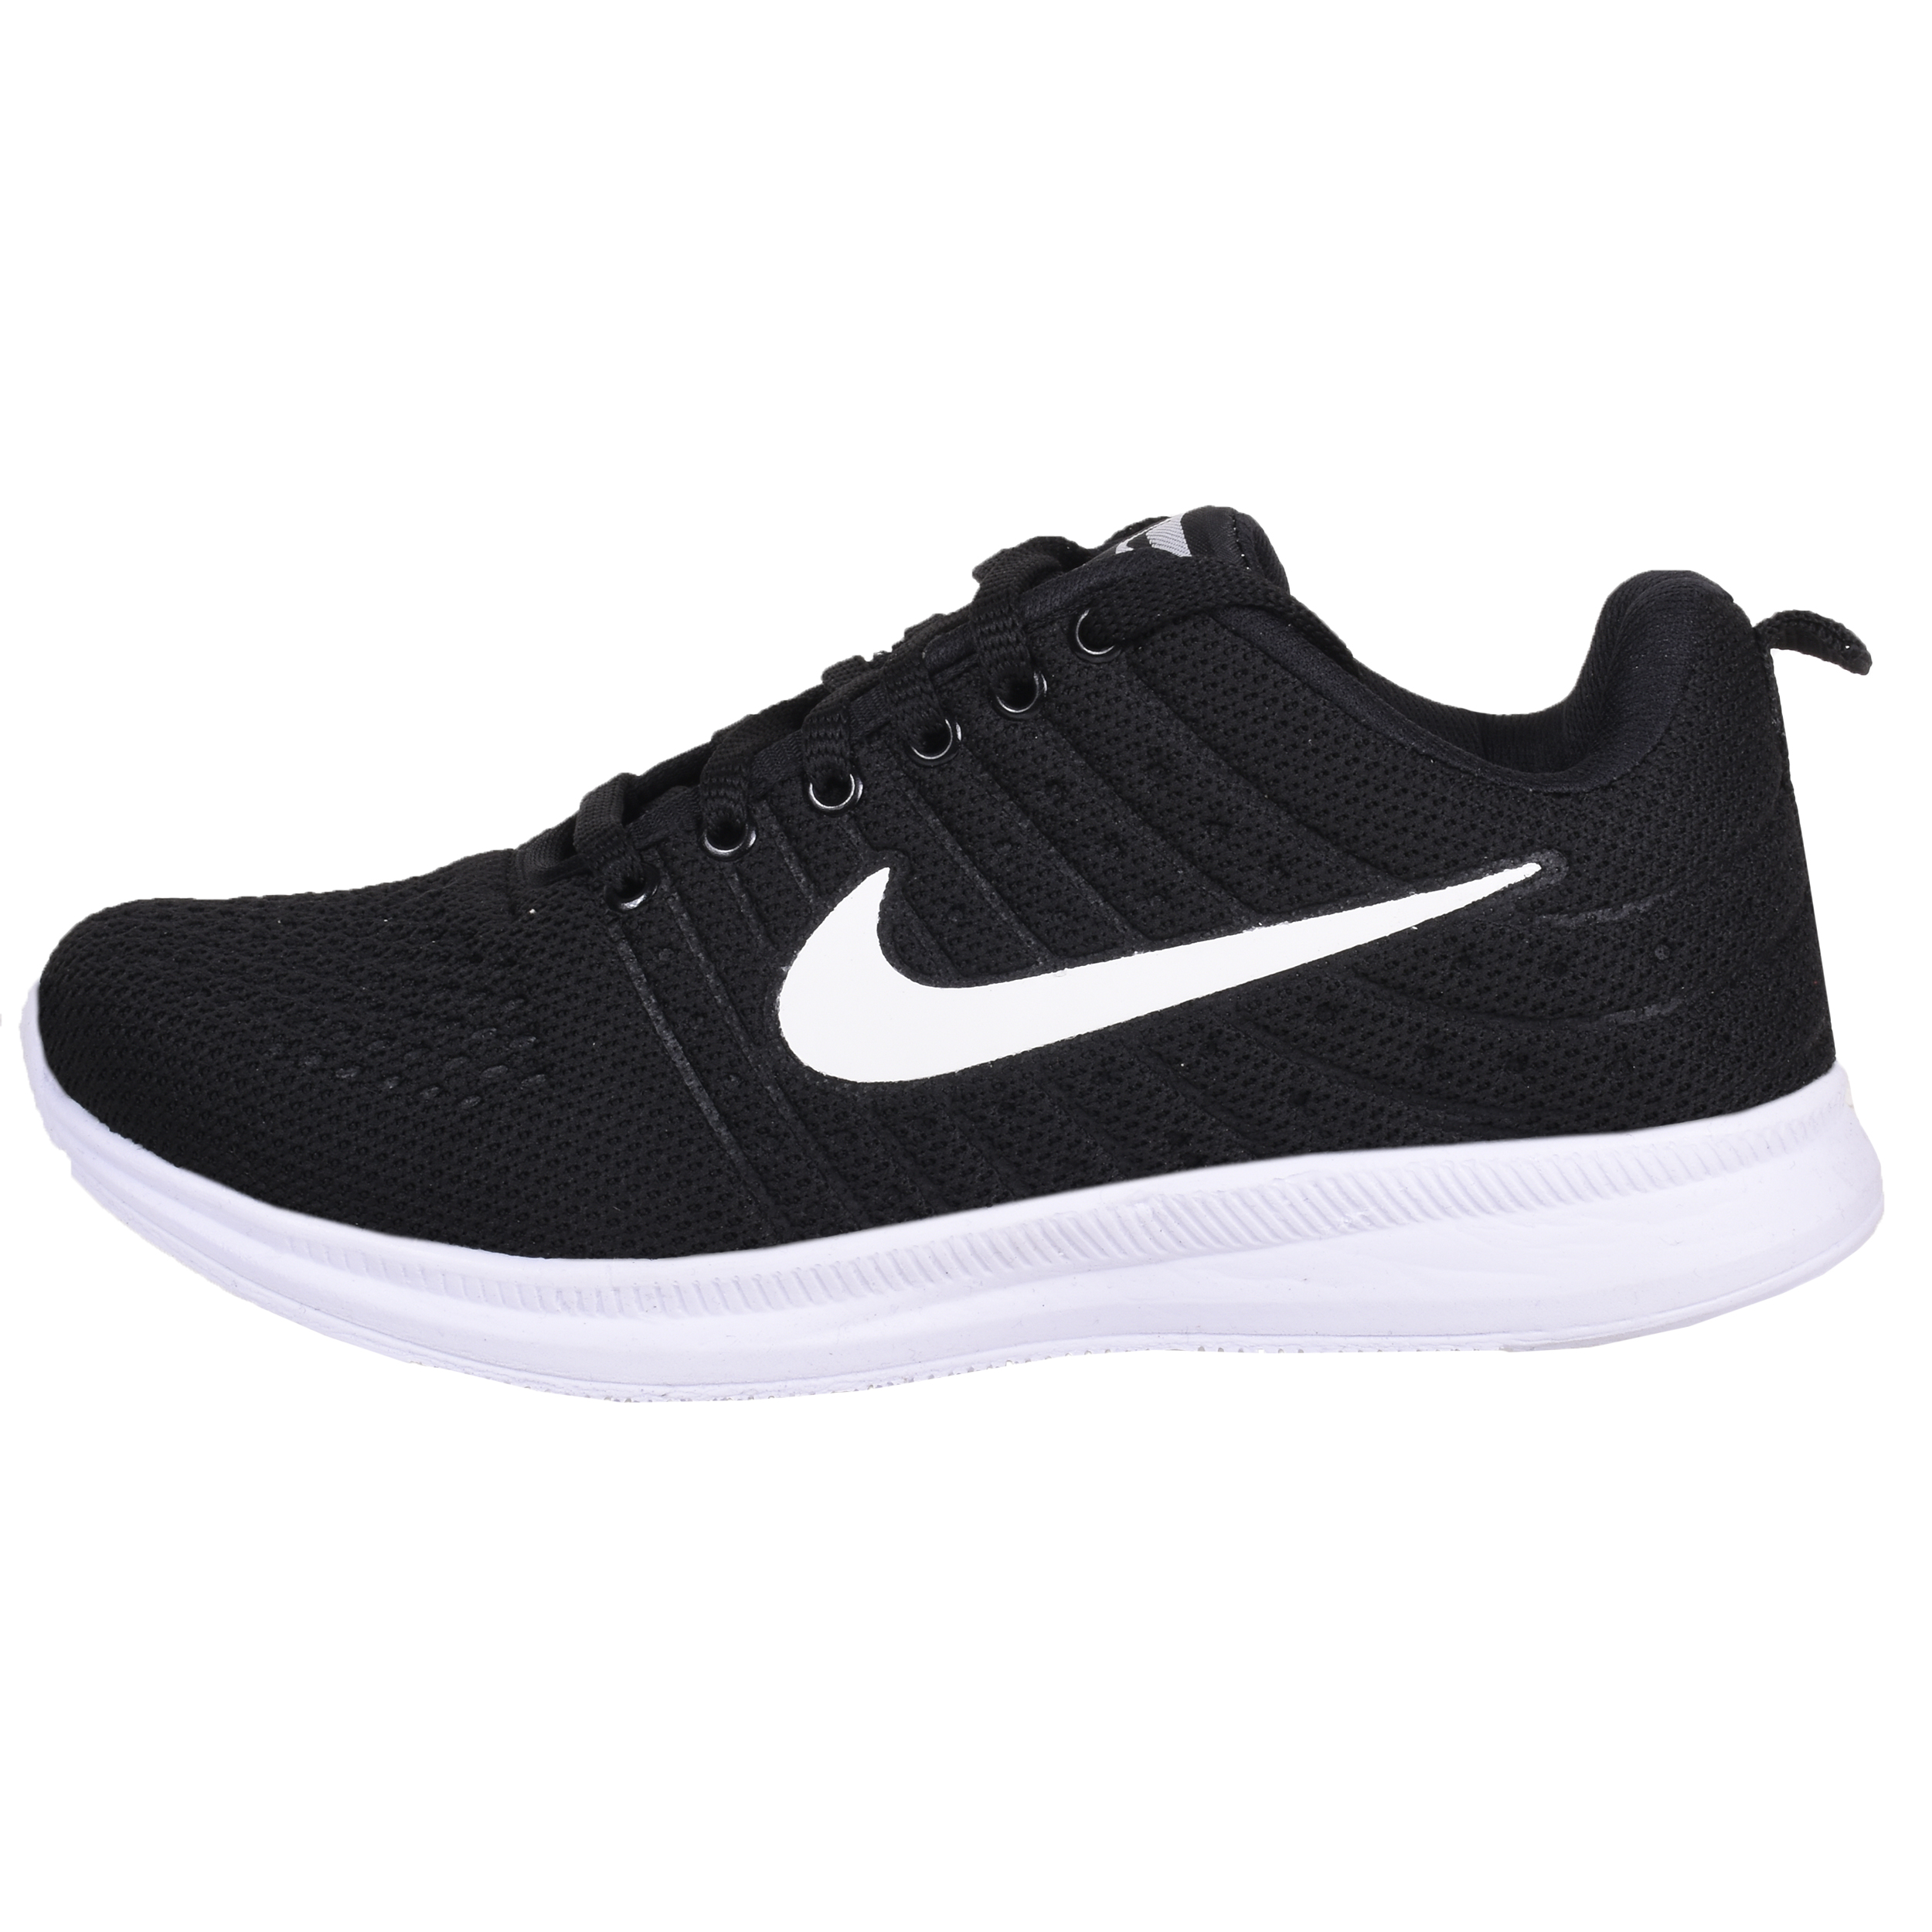 کفش مخصوص پیاده روی  مردانه کد 1-1-39604